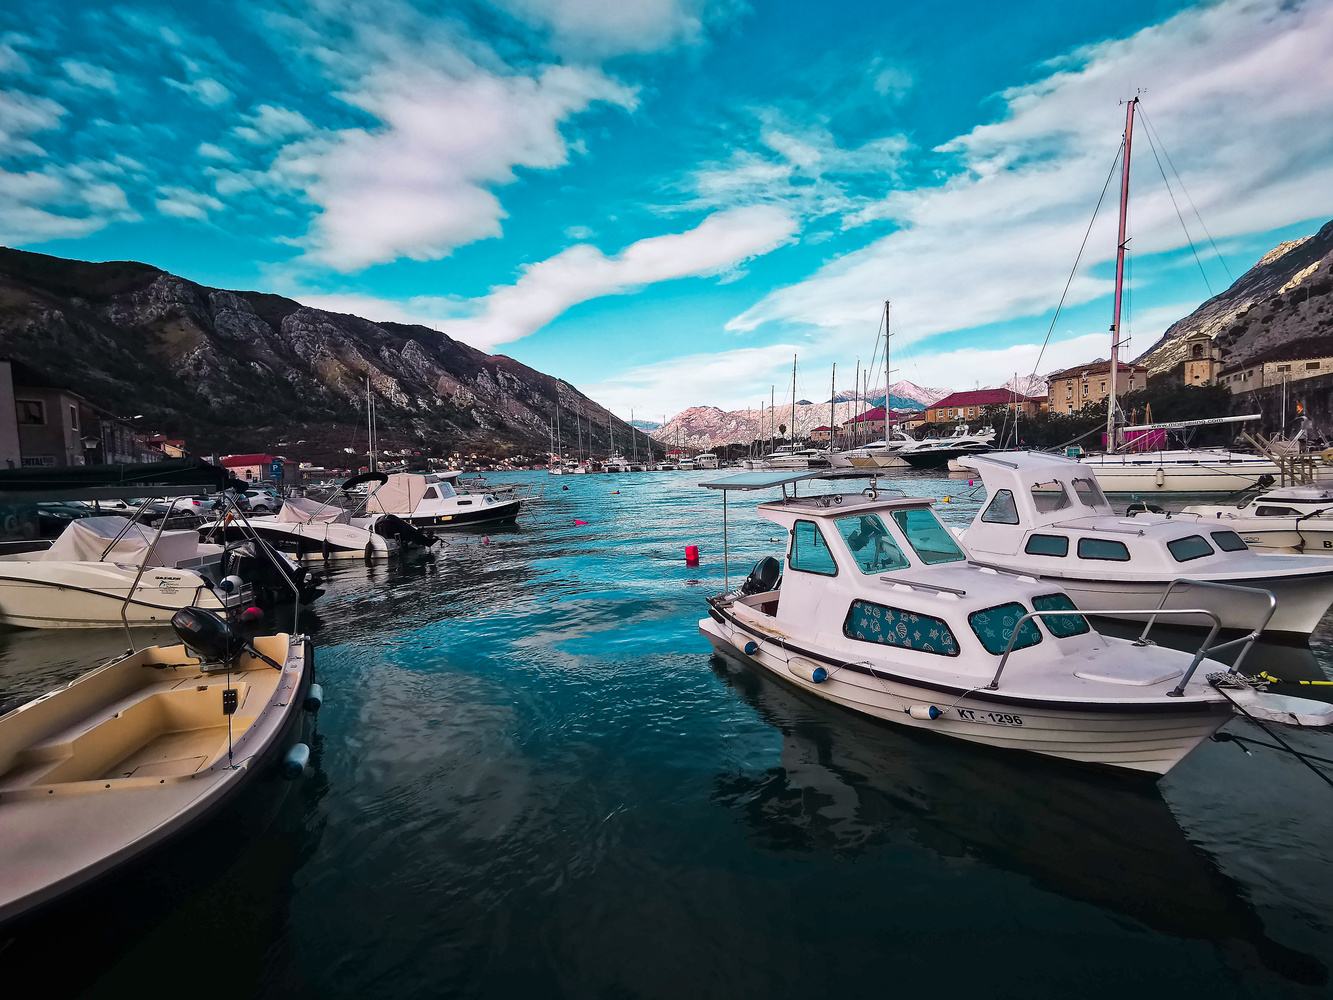 kotor marina by andrew turnbull